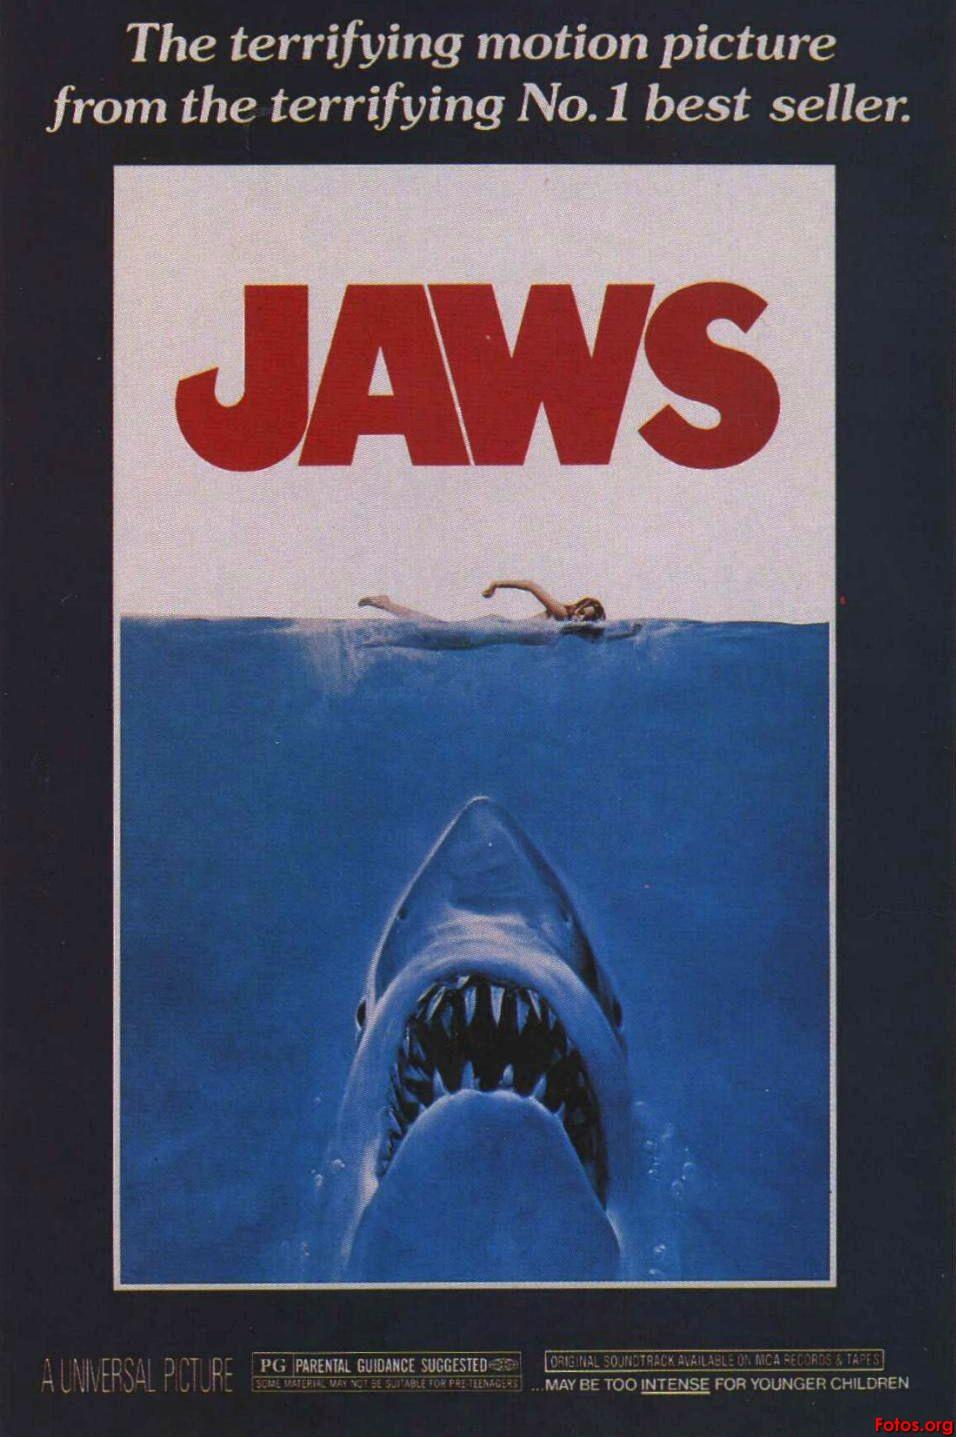 Las Peliculas de Vuestra Infancia Movie-Poster-Jaws